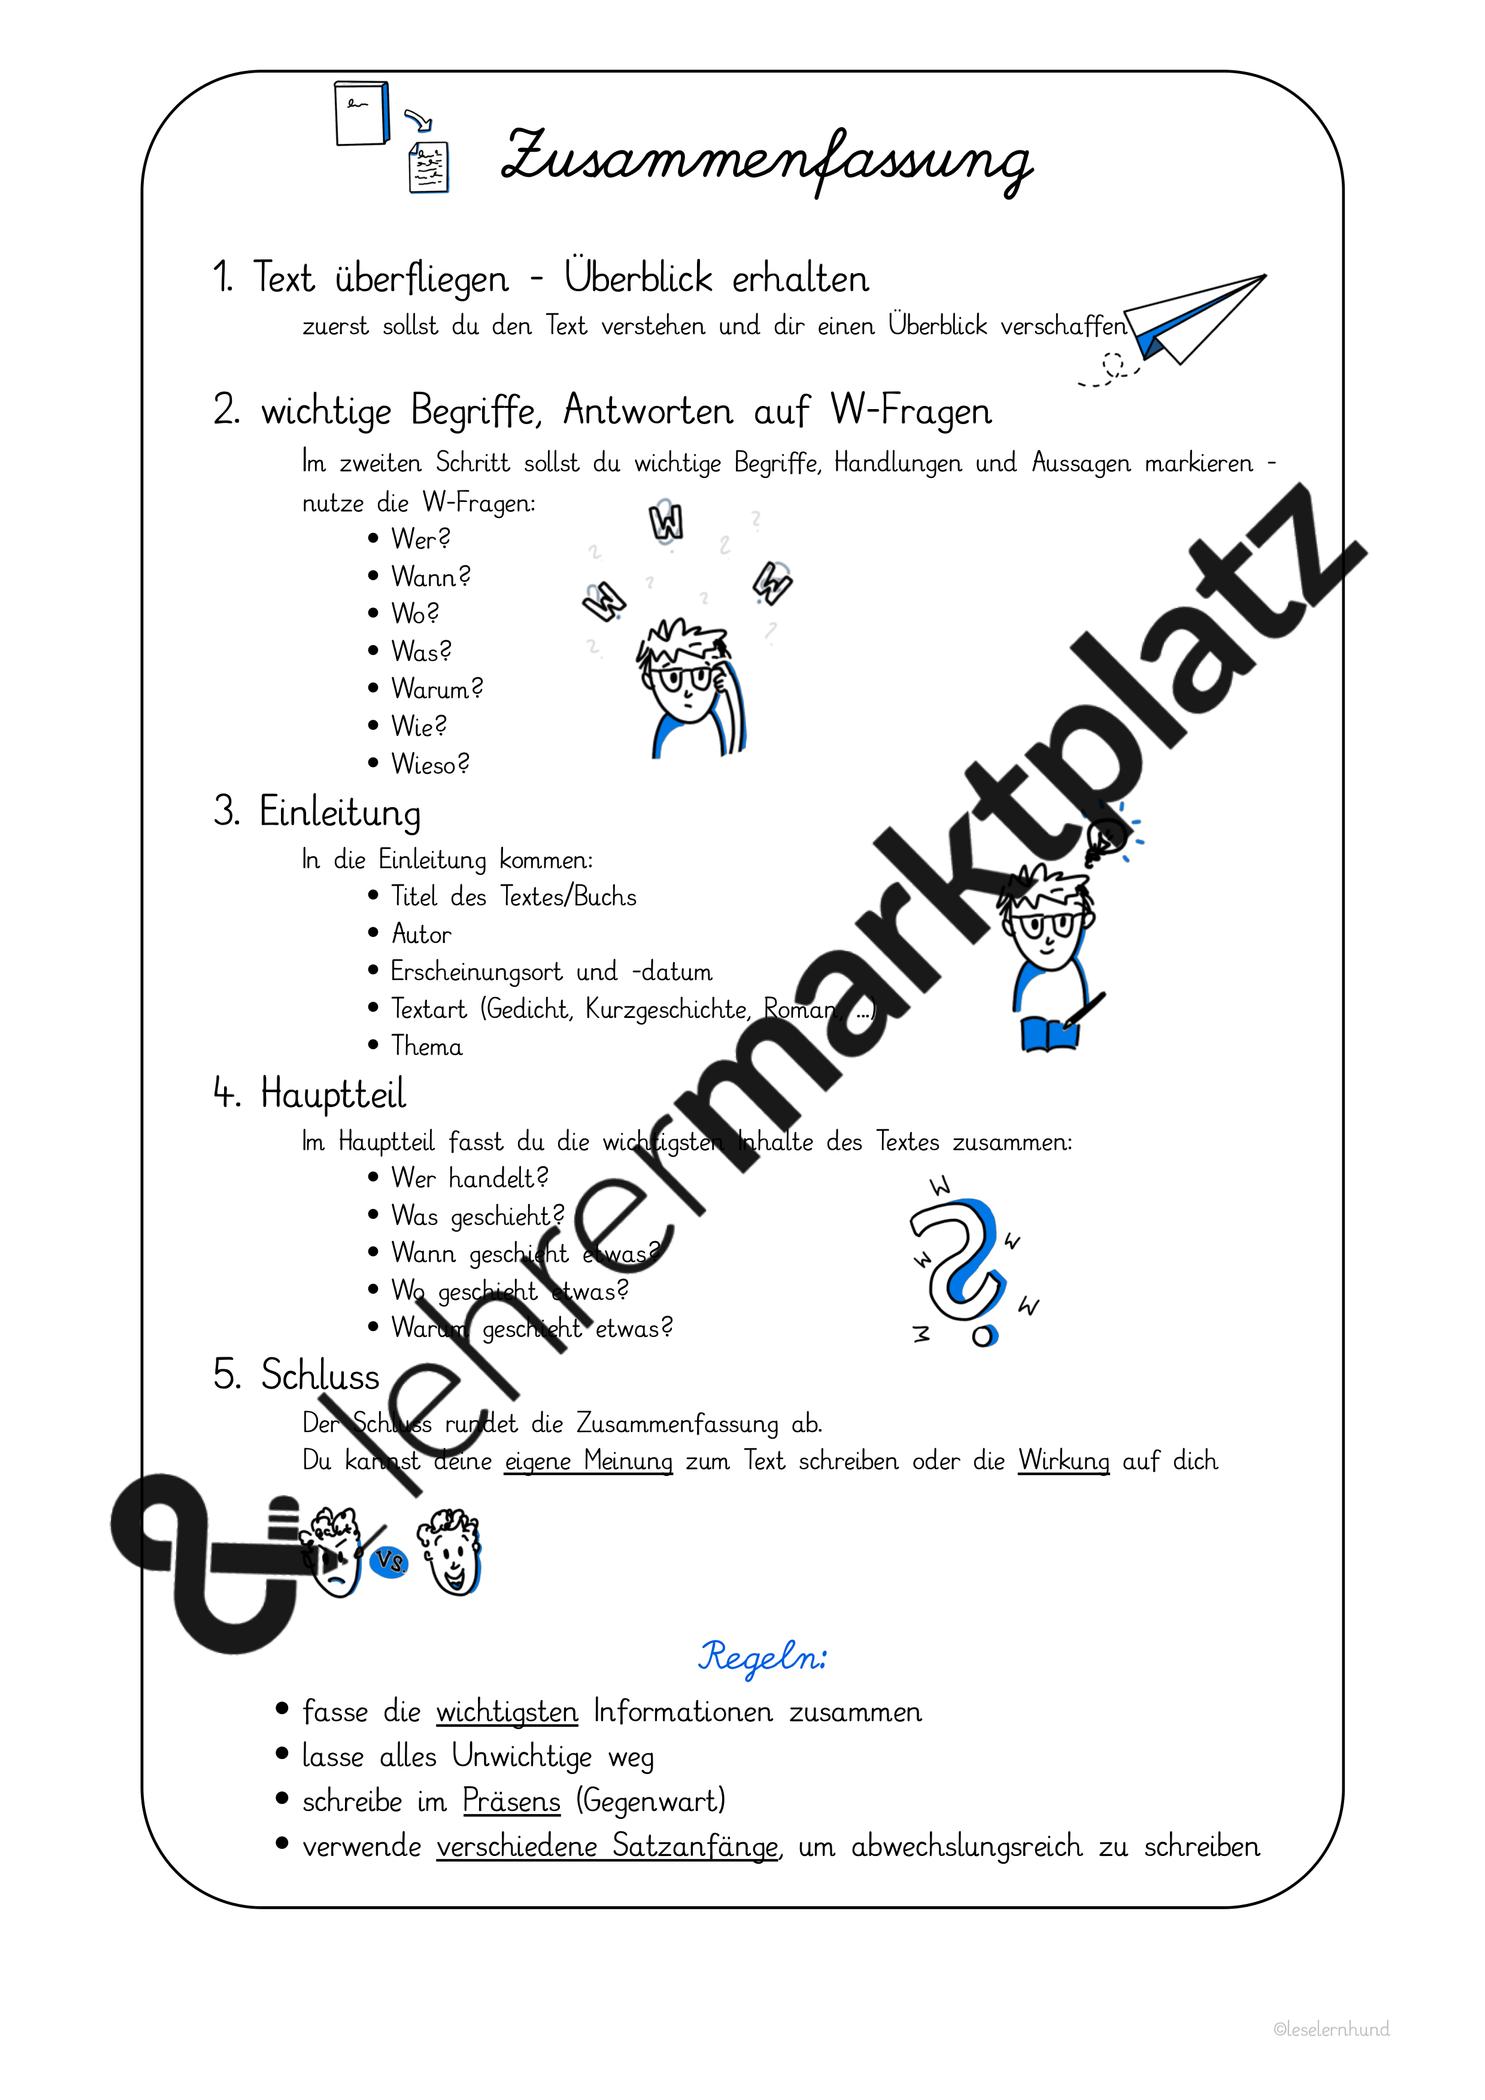 Zusammenfassung Schreiben Ubersicht Und Flipbook Unterrichtsmaterial Im Fach Deutsch Inhaltsangabe Schreiben Zusammenfassung Schreiben